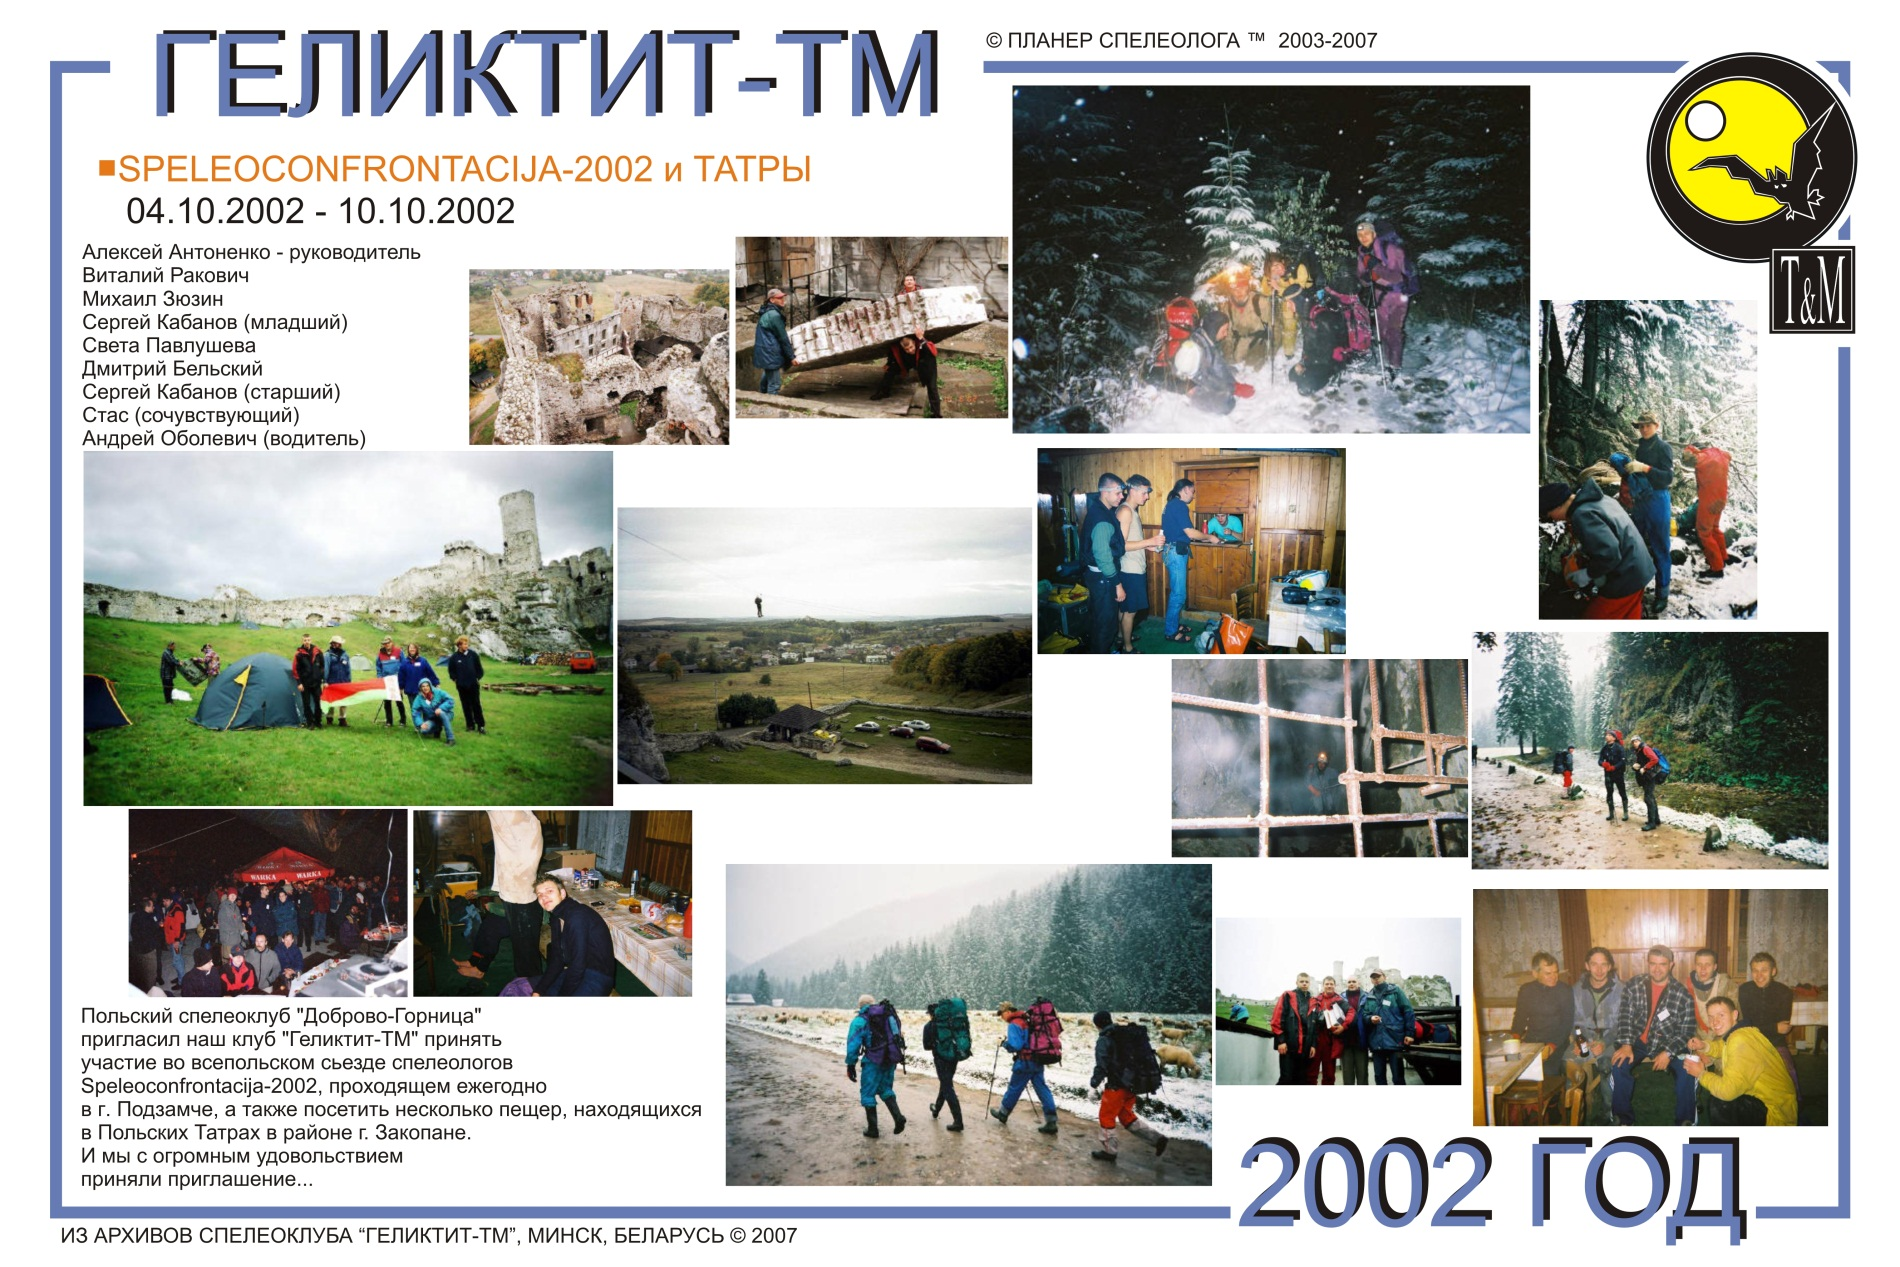 Татры 2002 год